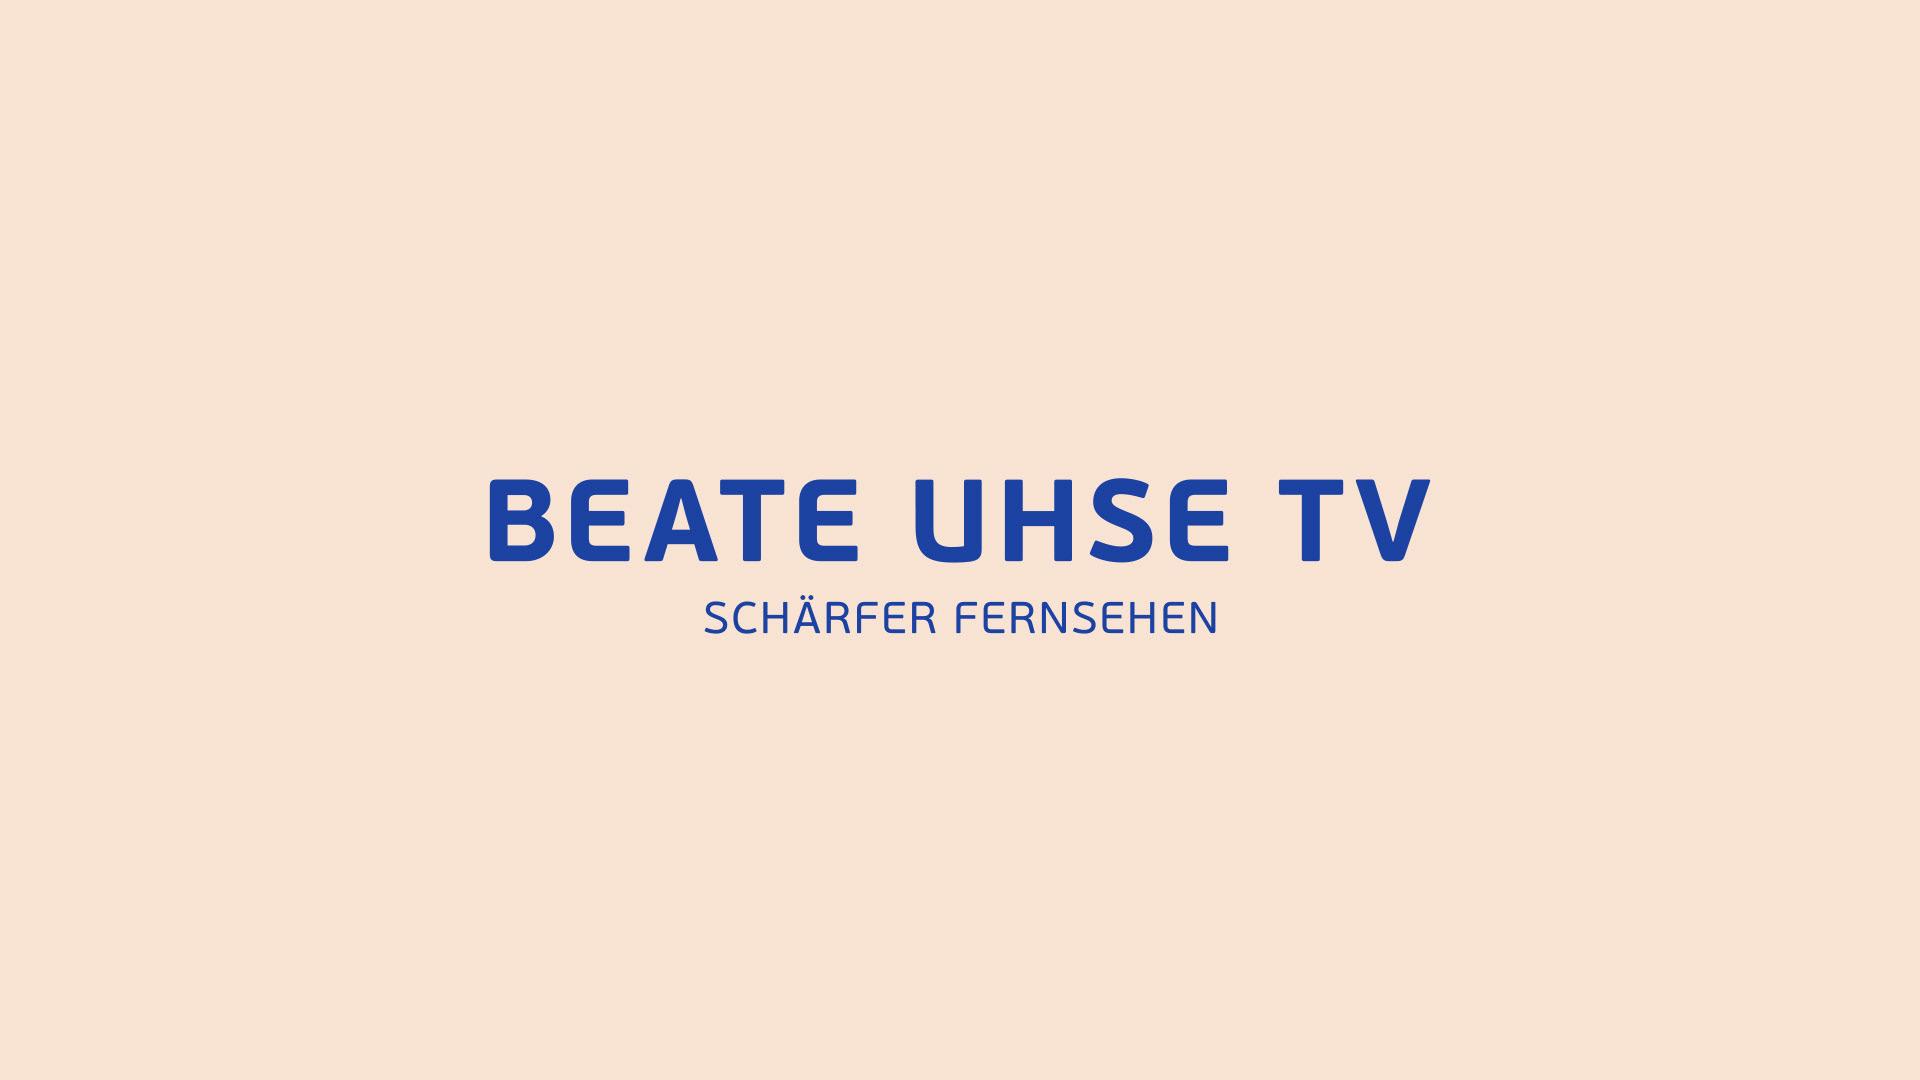 Uhse tv freischalten beate Beate Uhse